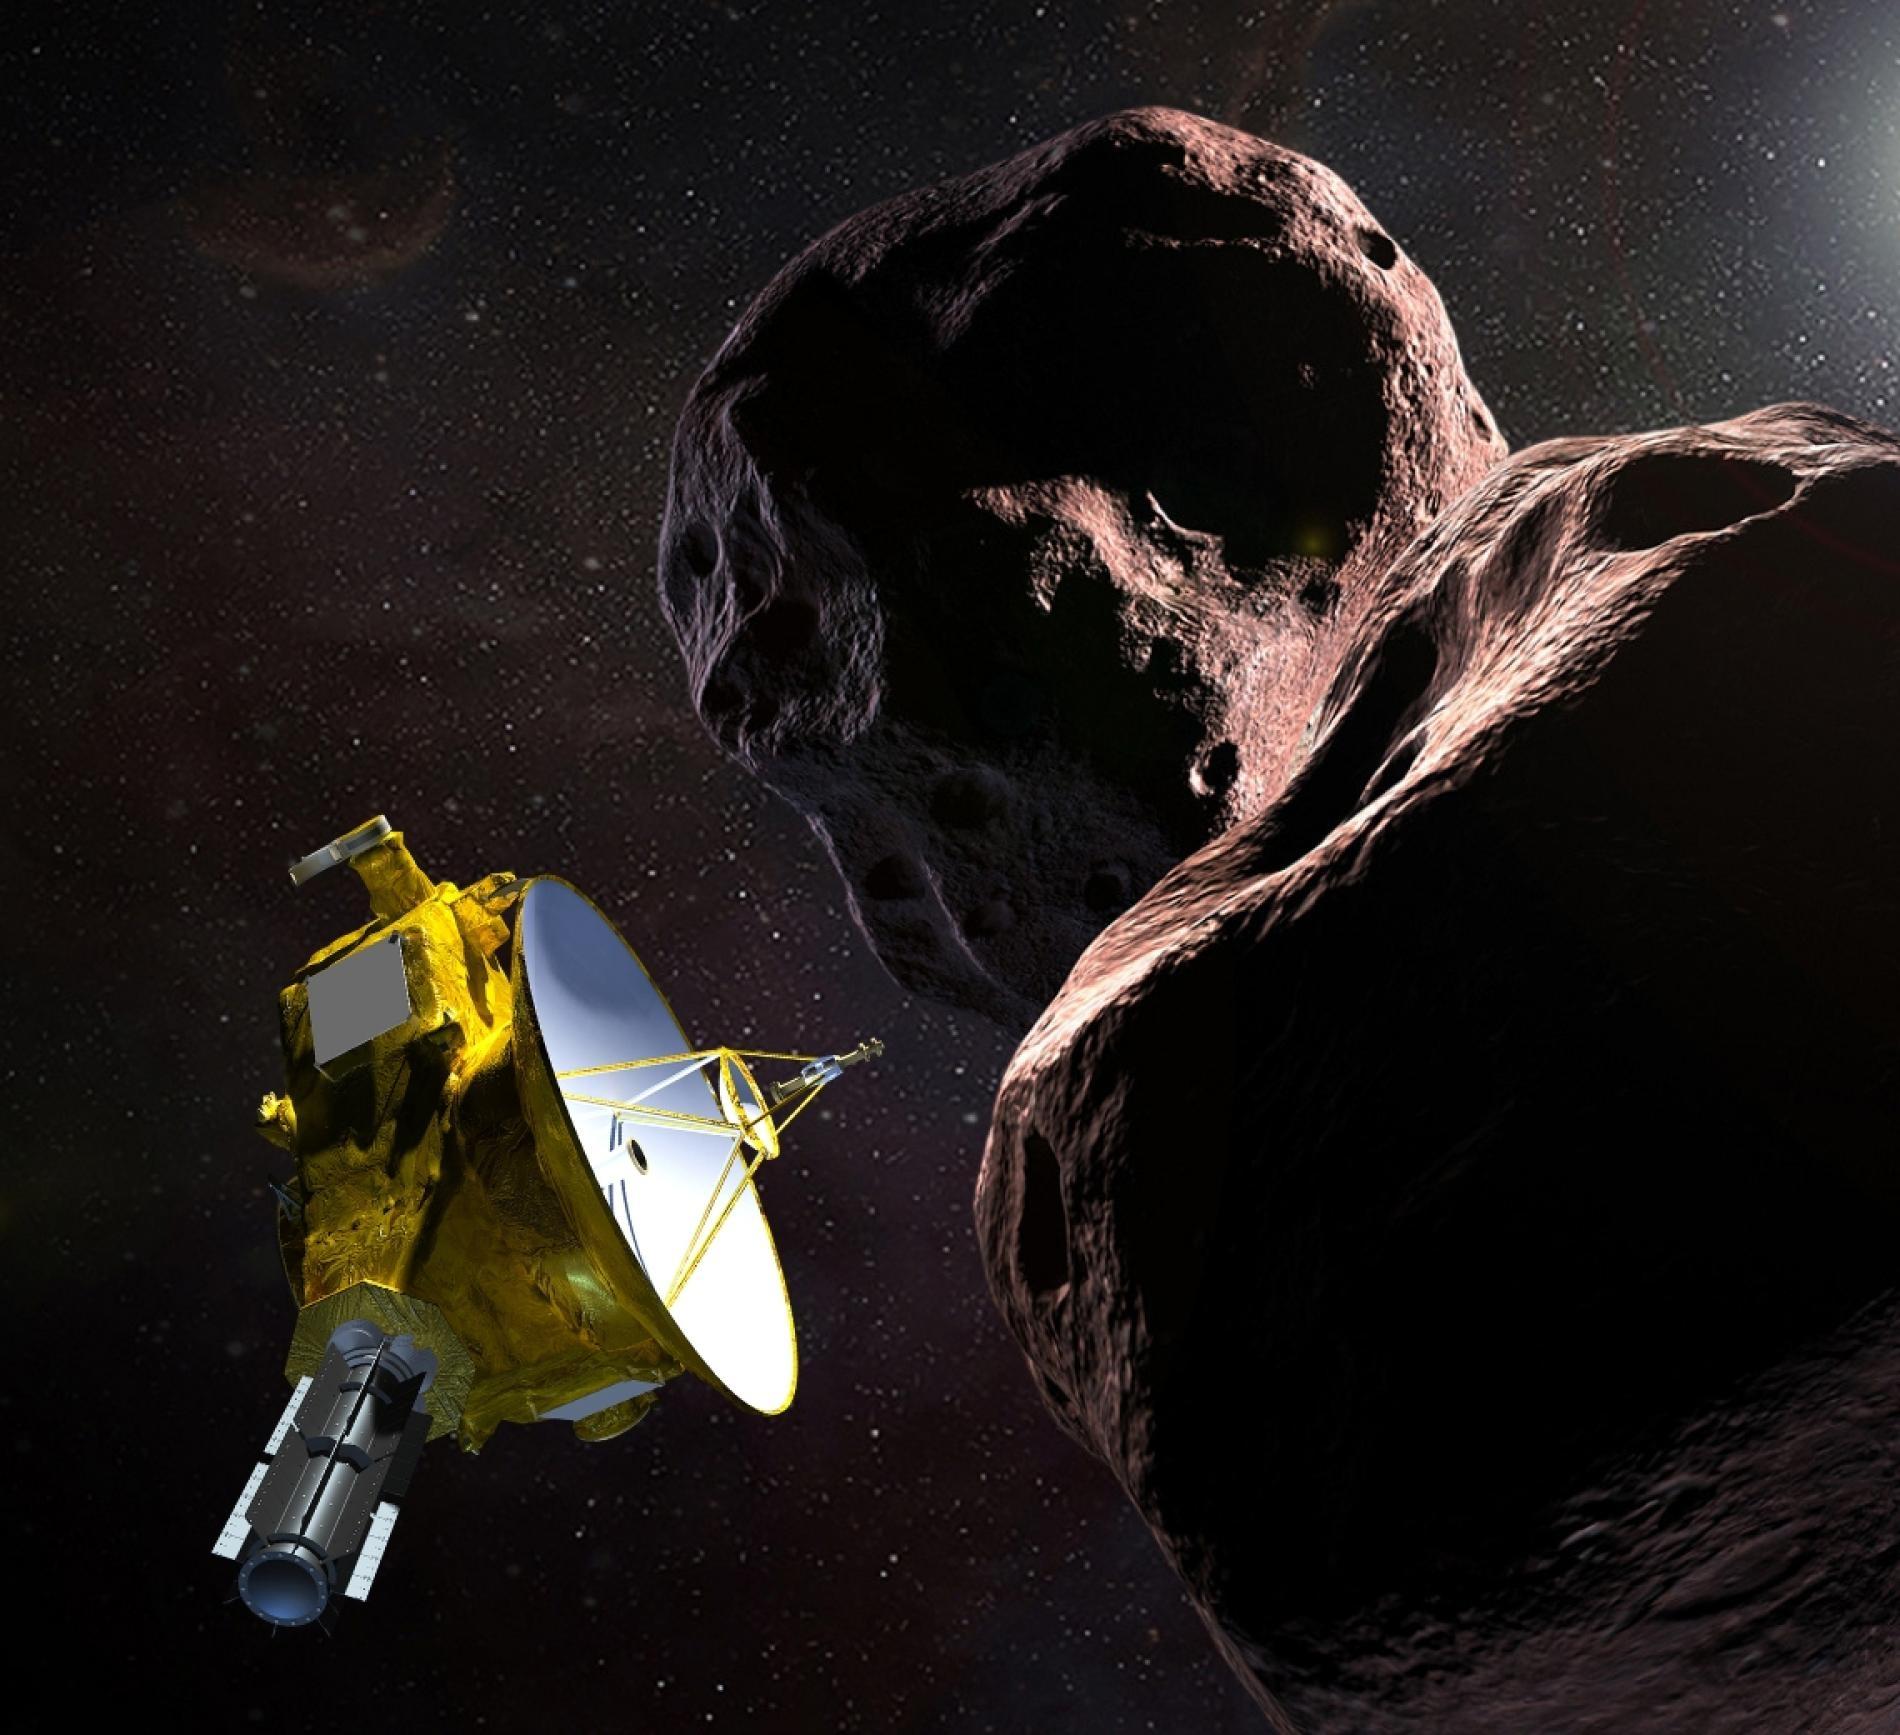 新視野號完成史上最遠飛掠任務,接下來要去哪?